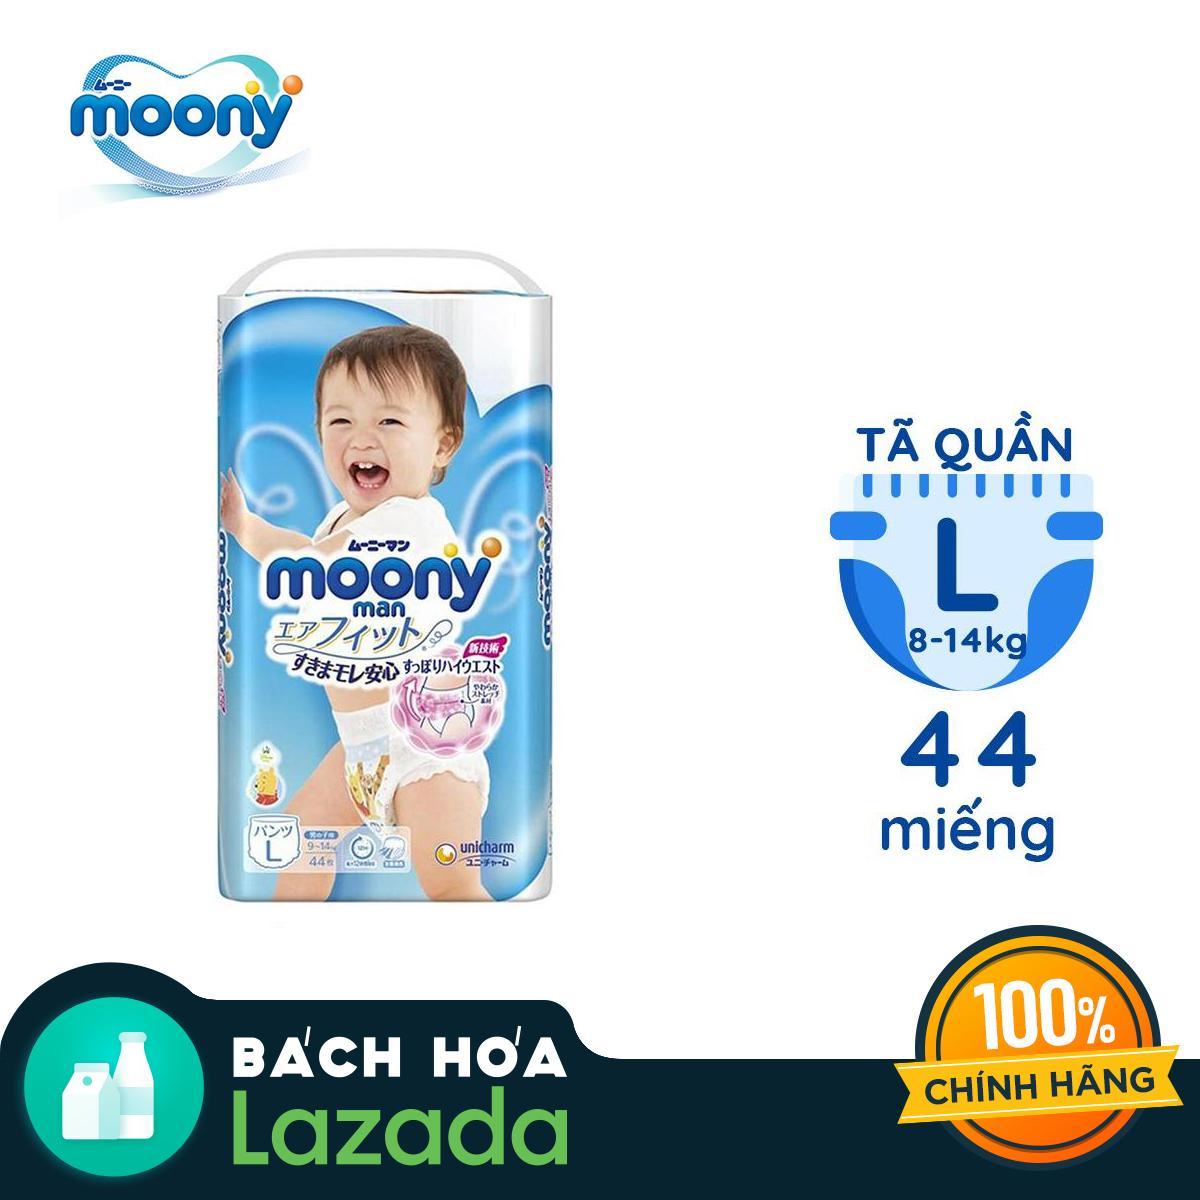 Tã Quần Moony Size L44 Dành Cho Bé Trai (9 - 14kg) Đang Ưu Đãi